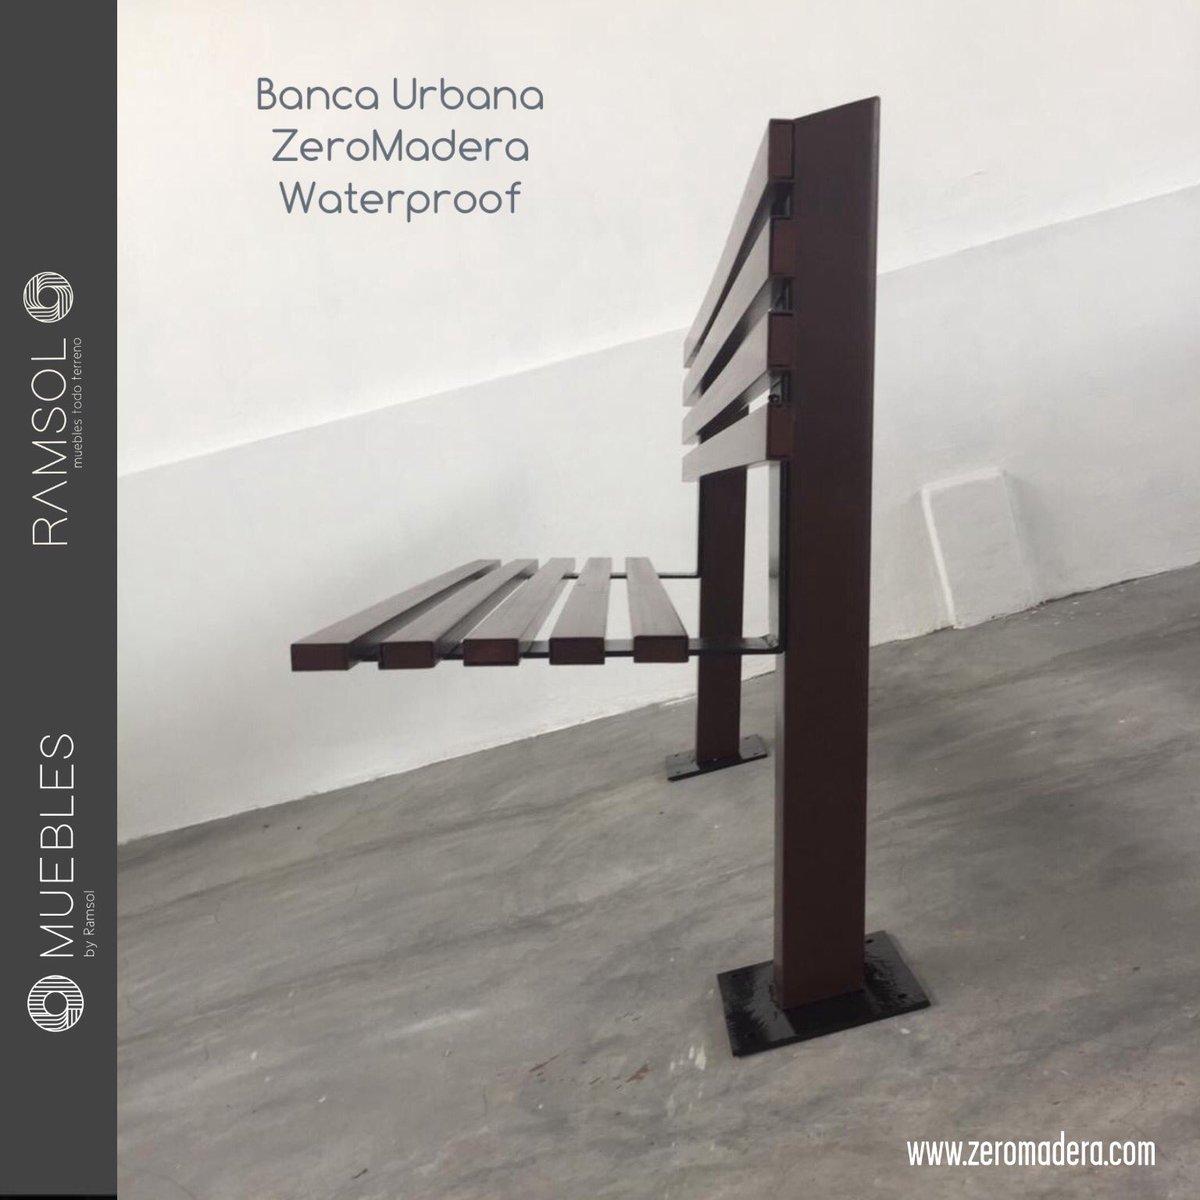 ο χρήστης Ramsol Muebles στο Twitter Banca Urbana